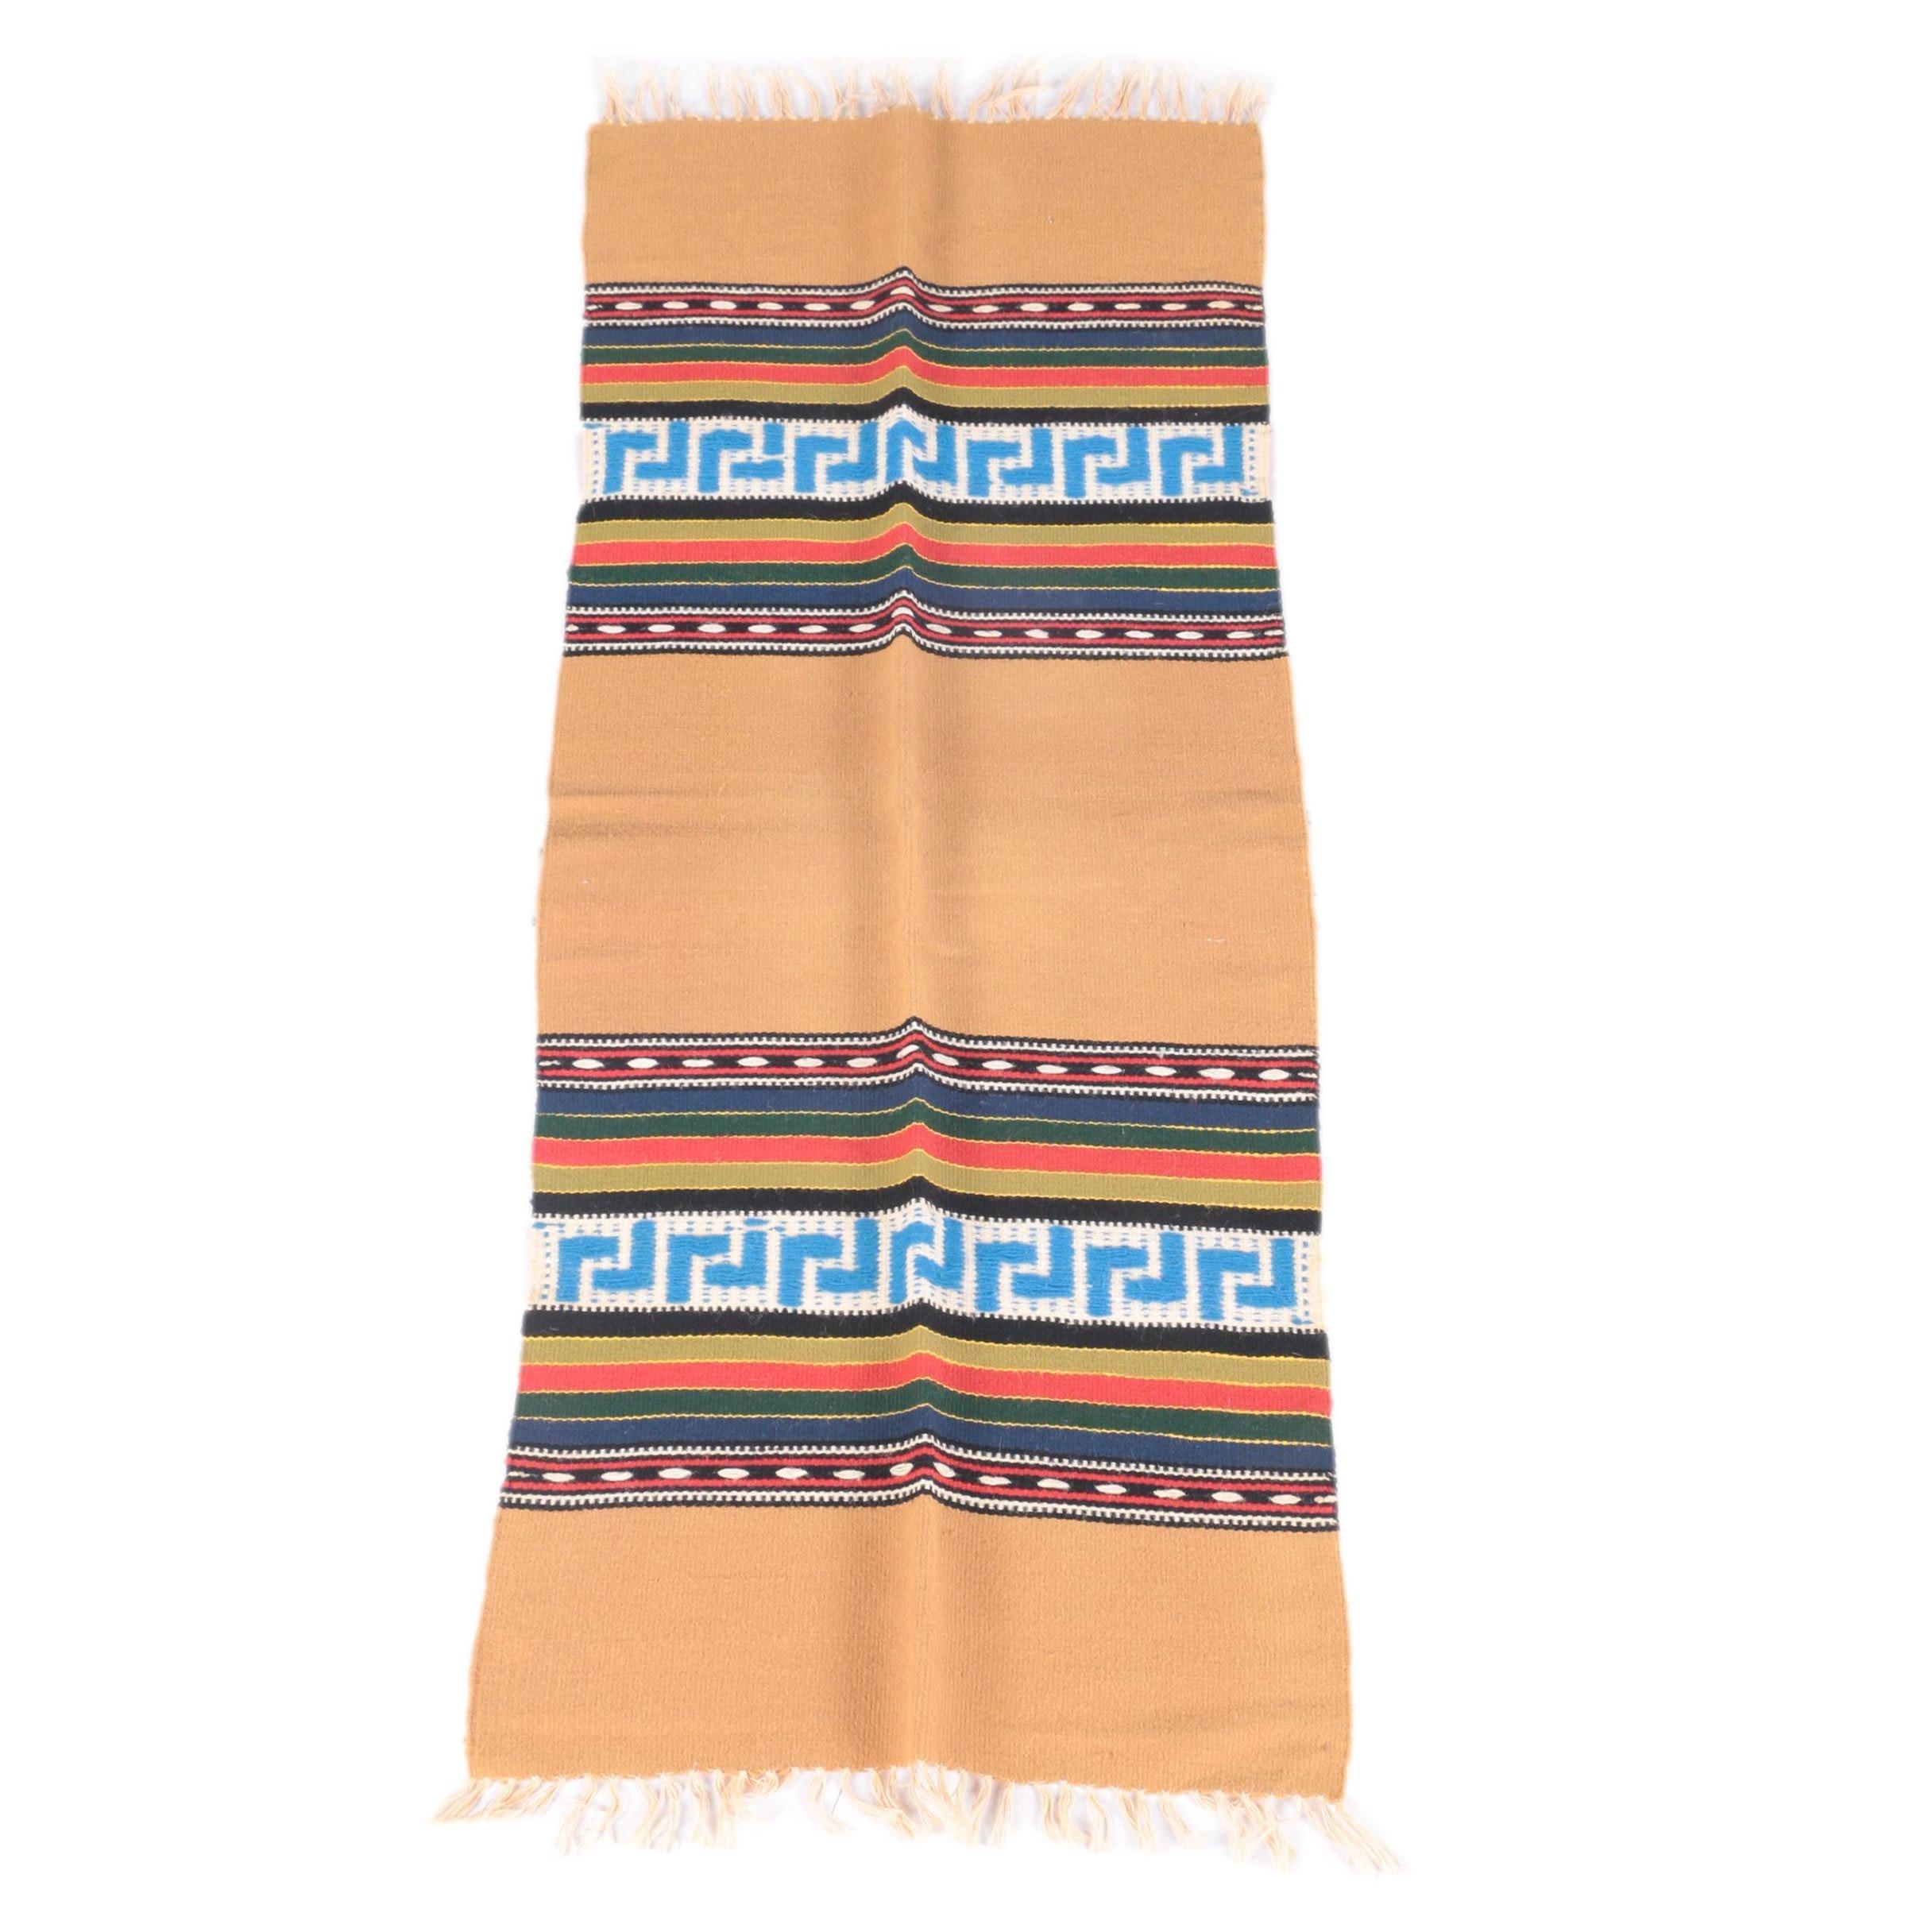 Handwoven Southwest Style Wool Carpet Runner